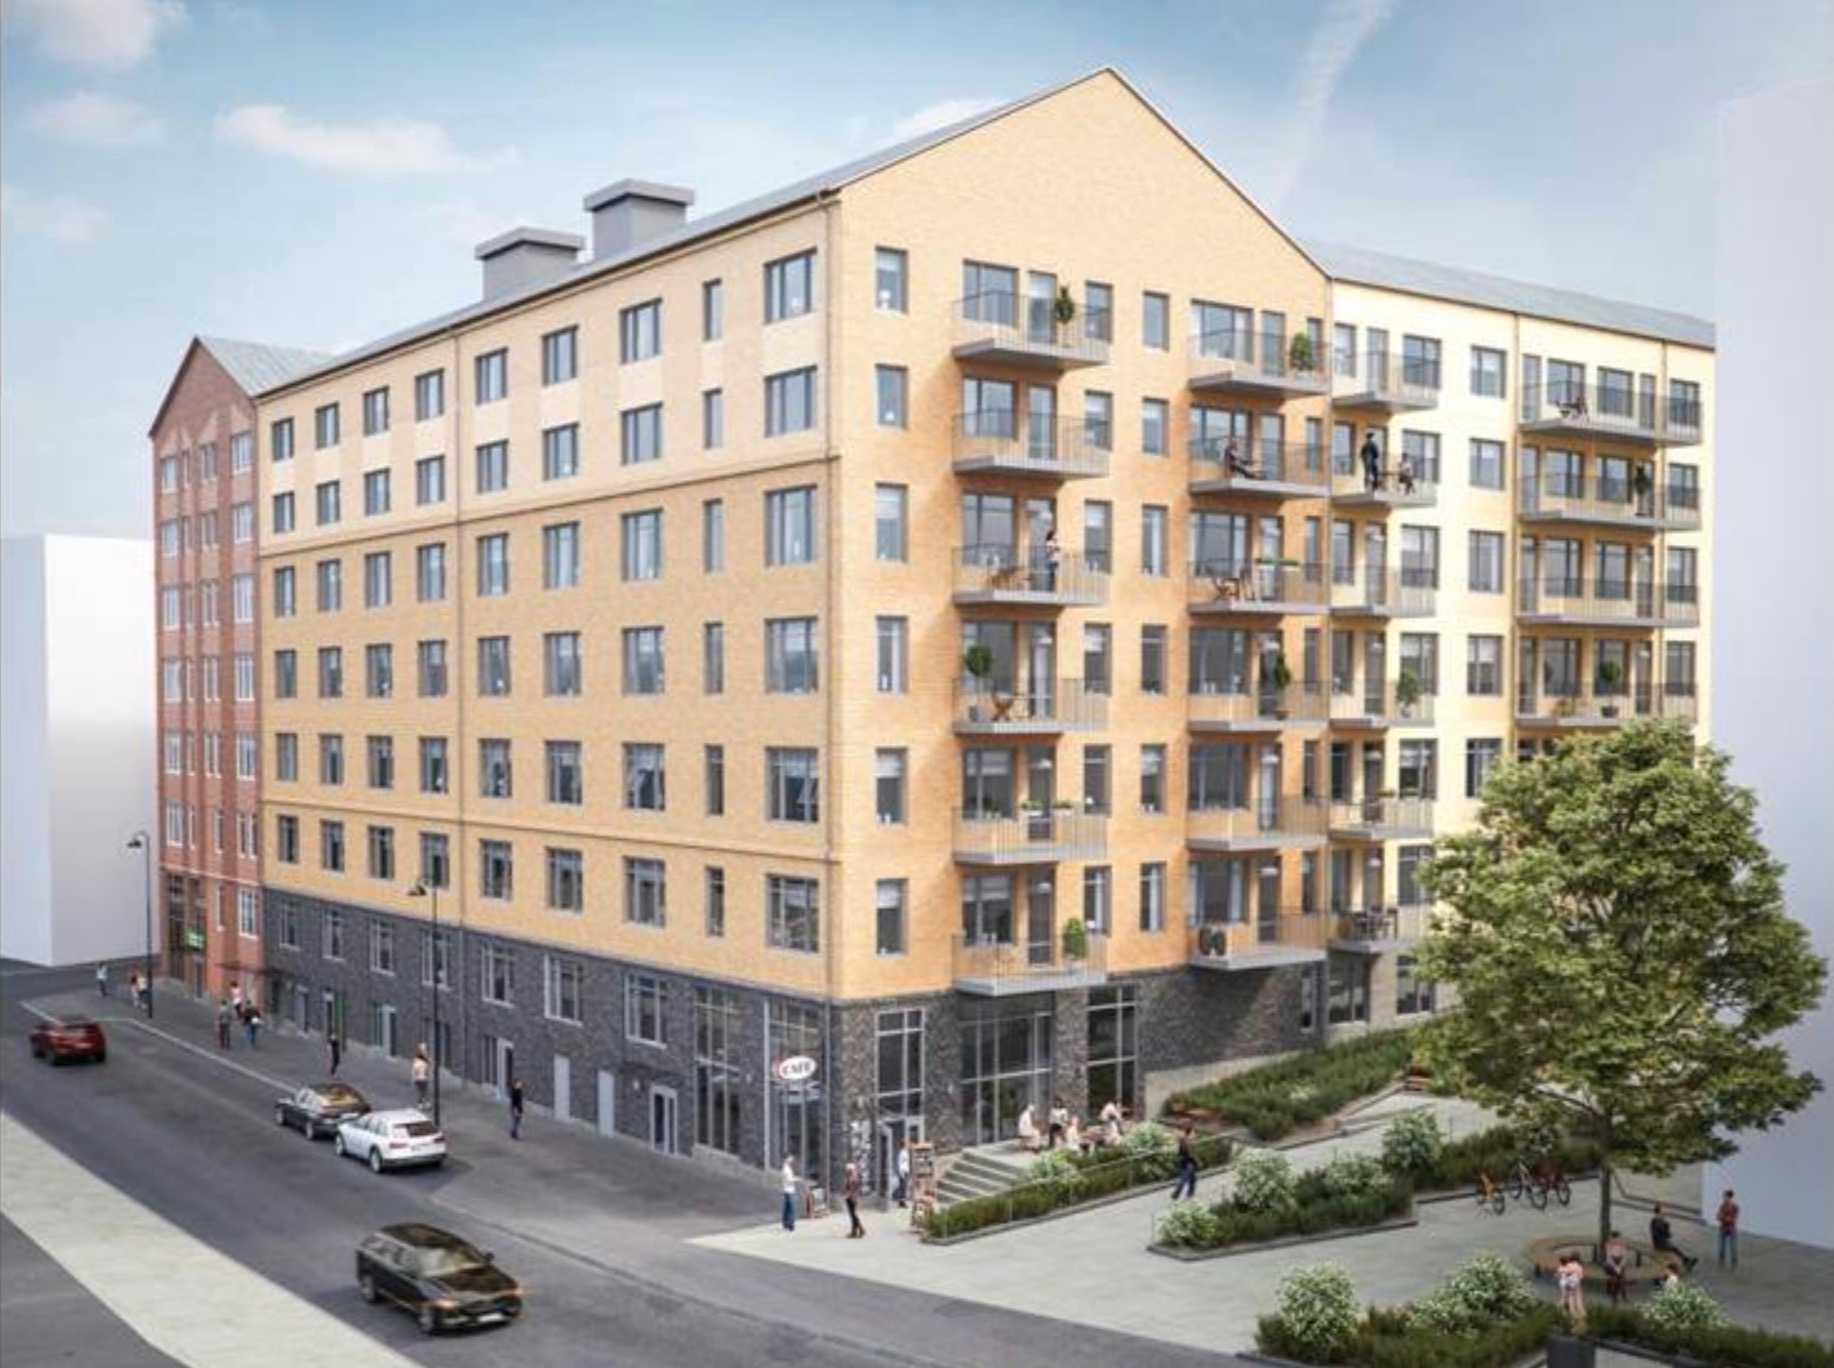 Här på Kvarngatan i Norrköping ska det byggas hyreslägenheter och äldreboende.